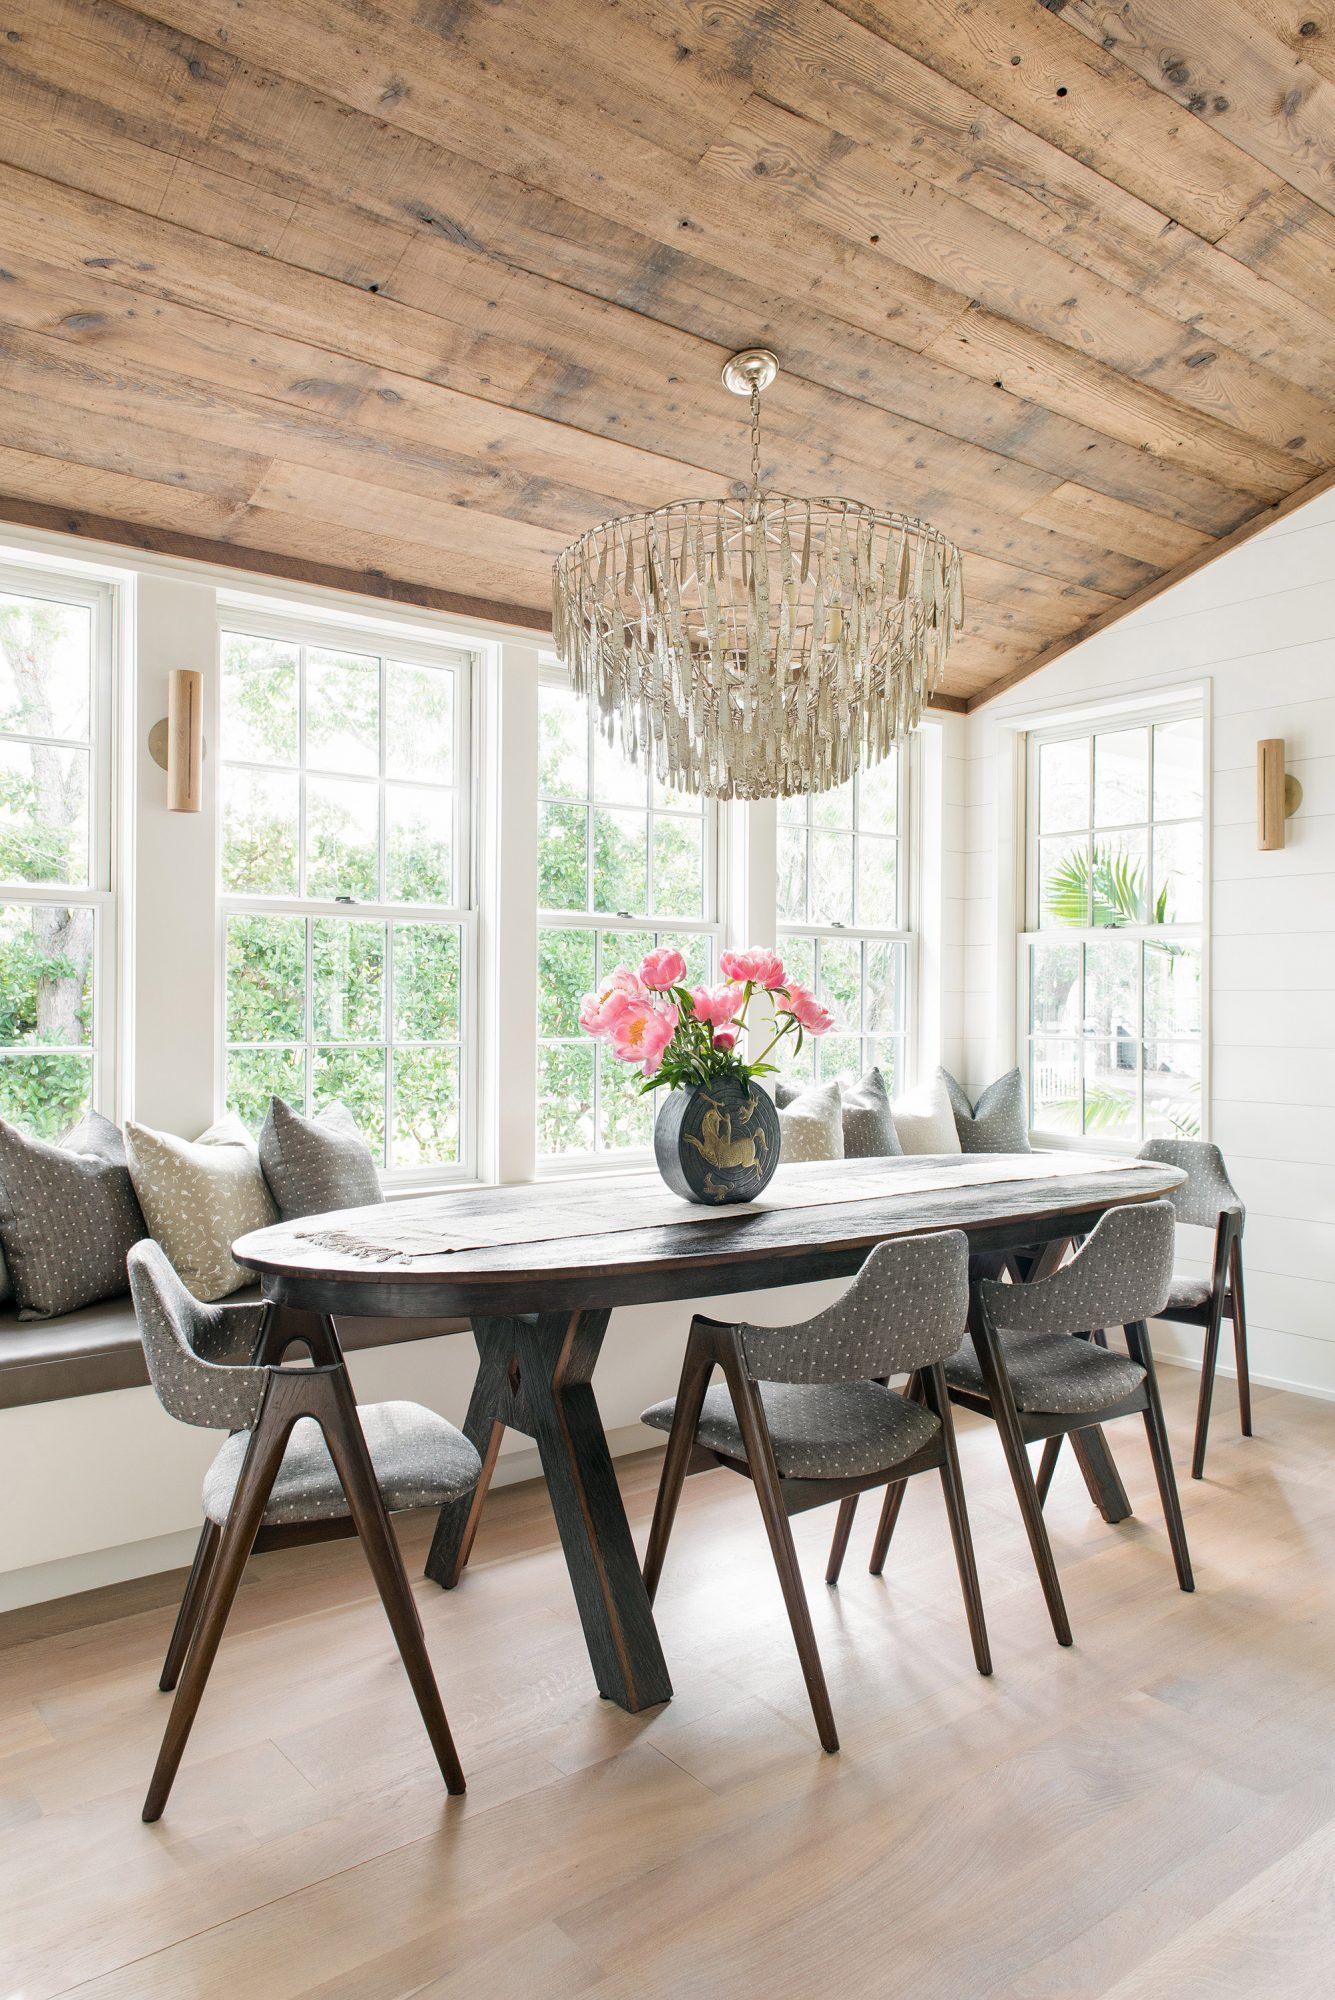 Cortney Bishop Dining Room Trends Dining Room Design Dining Room Decor